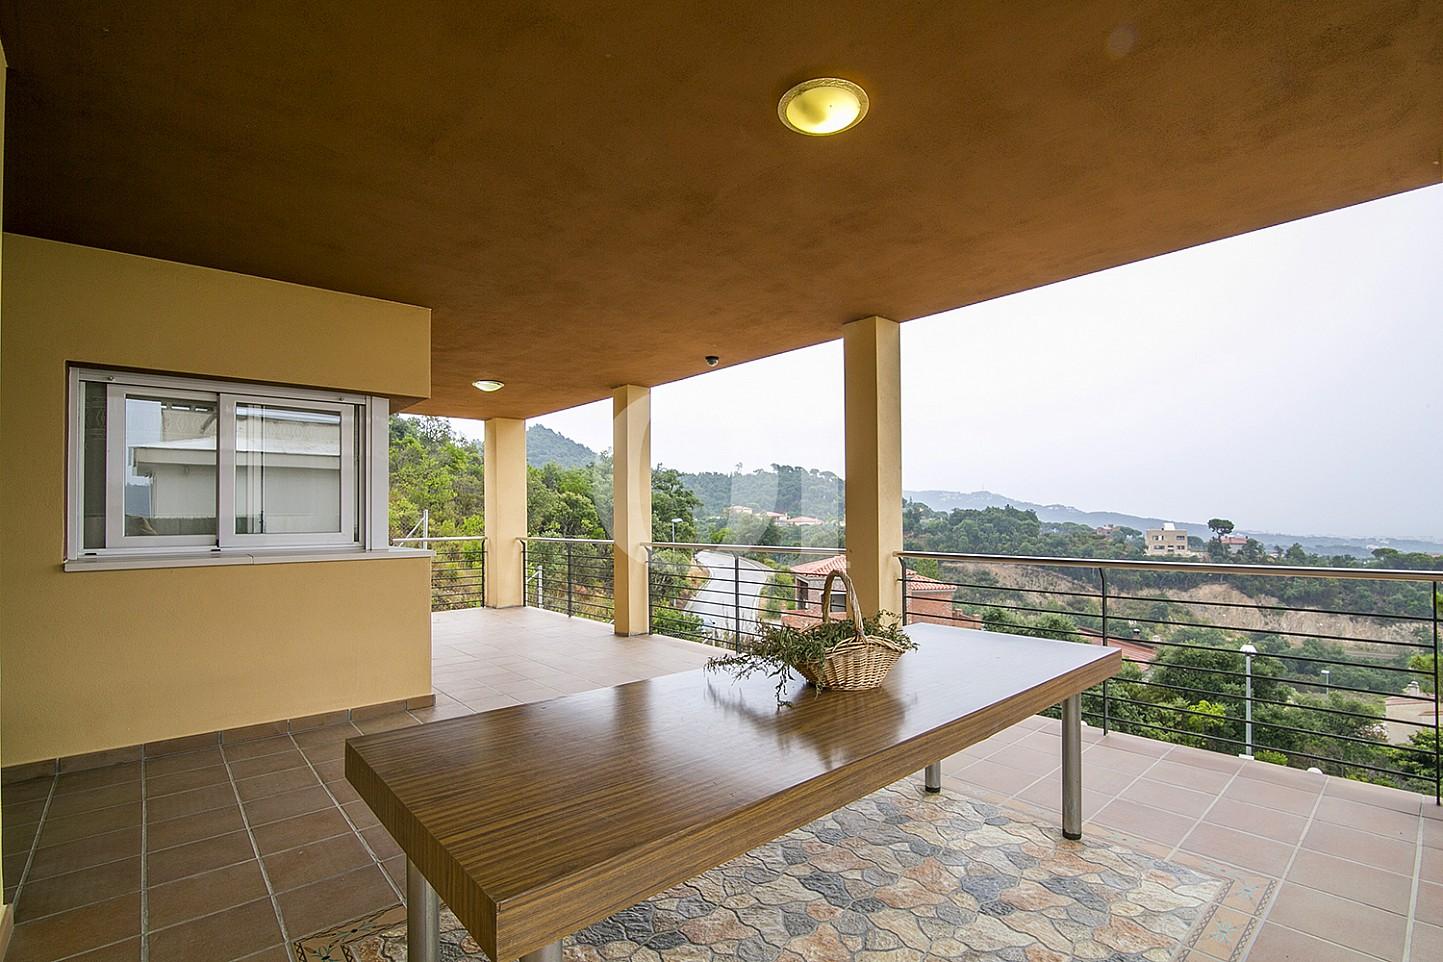 Terrassa d'una casa amb vistes en venda a Lloret de Mar, Costa Brava